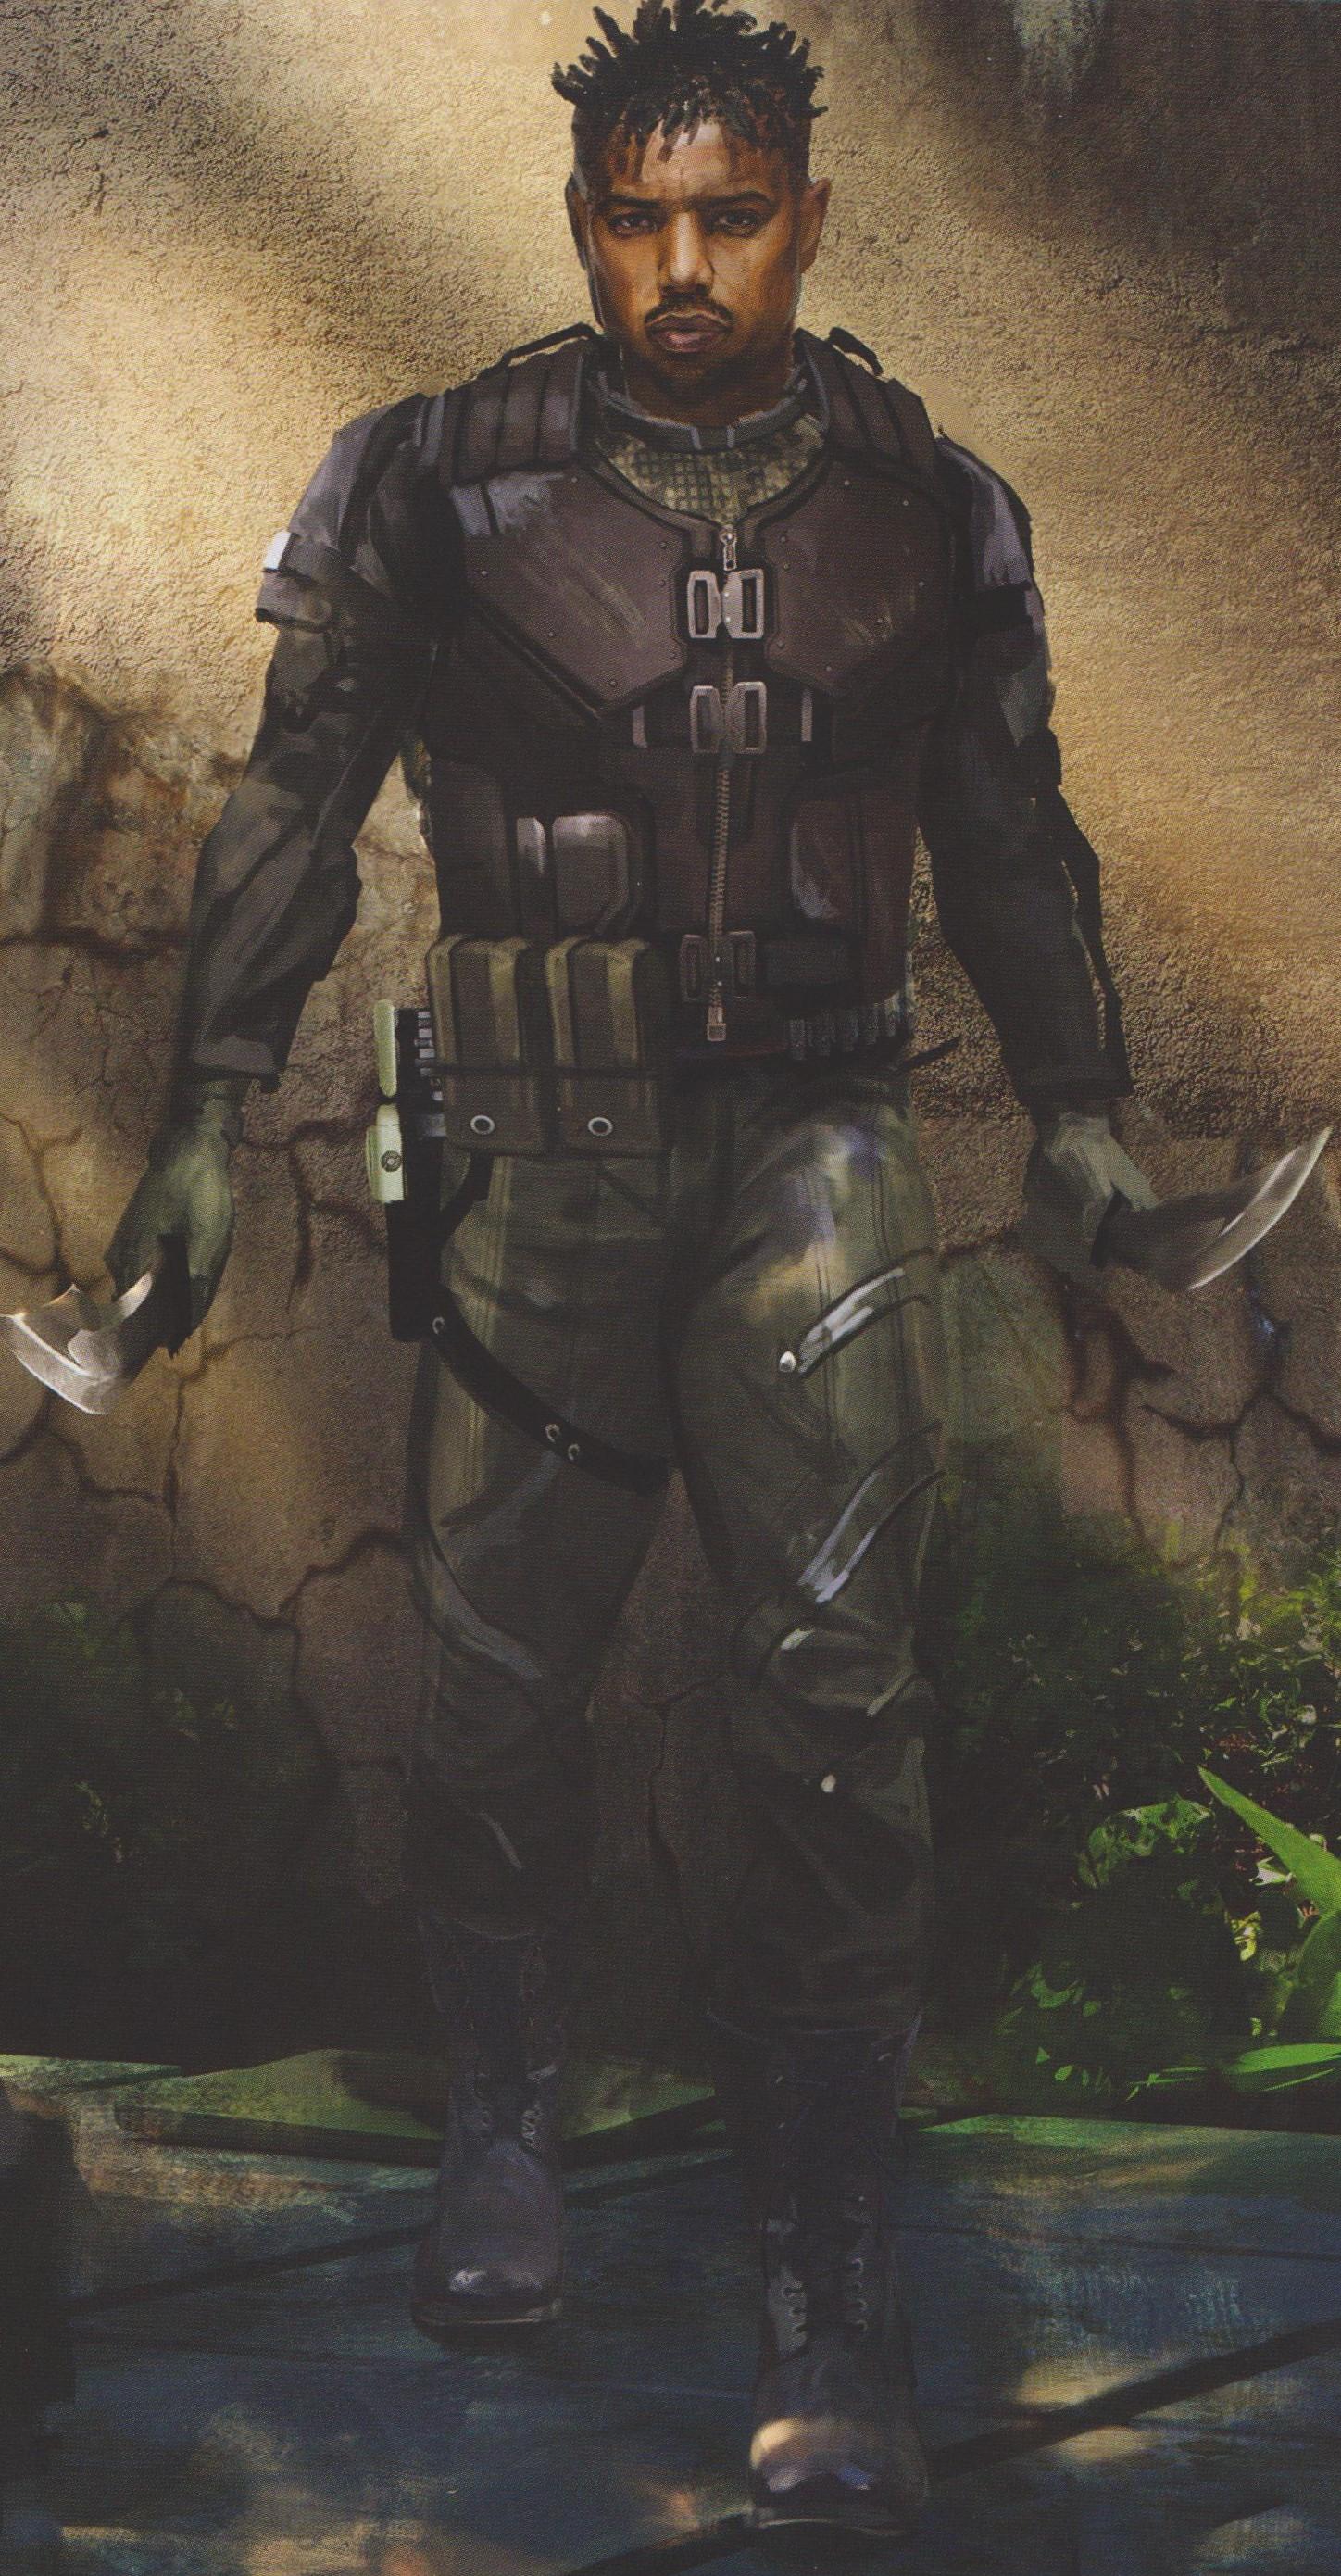 Black Panther Erik Killmonger Looks A Lot Like The Predator